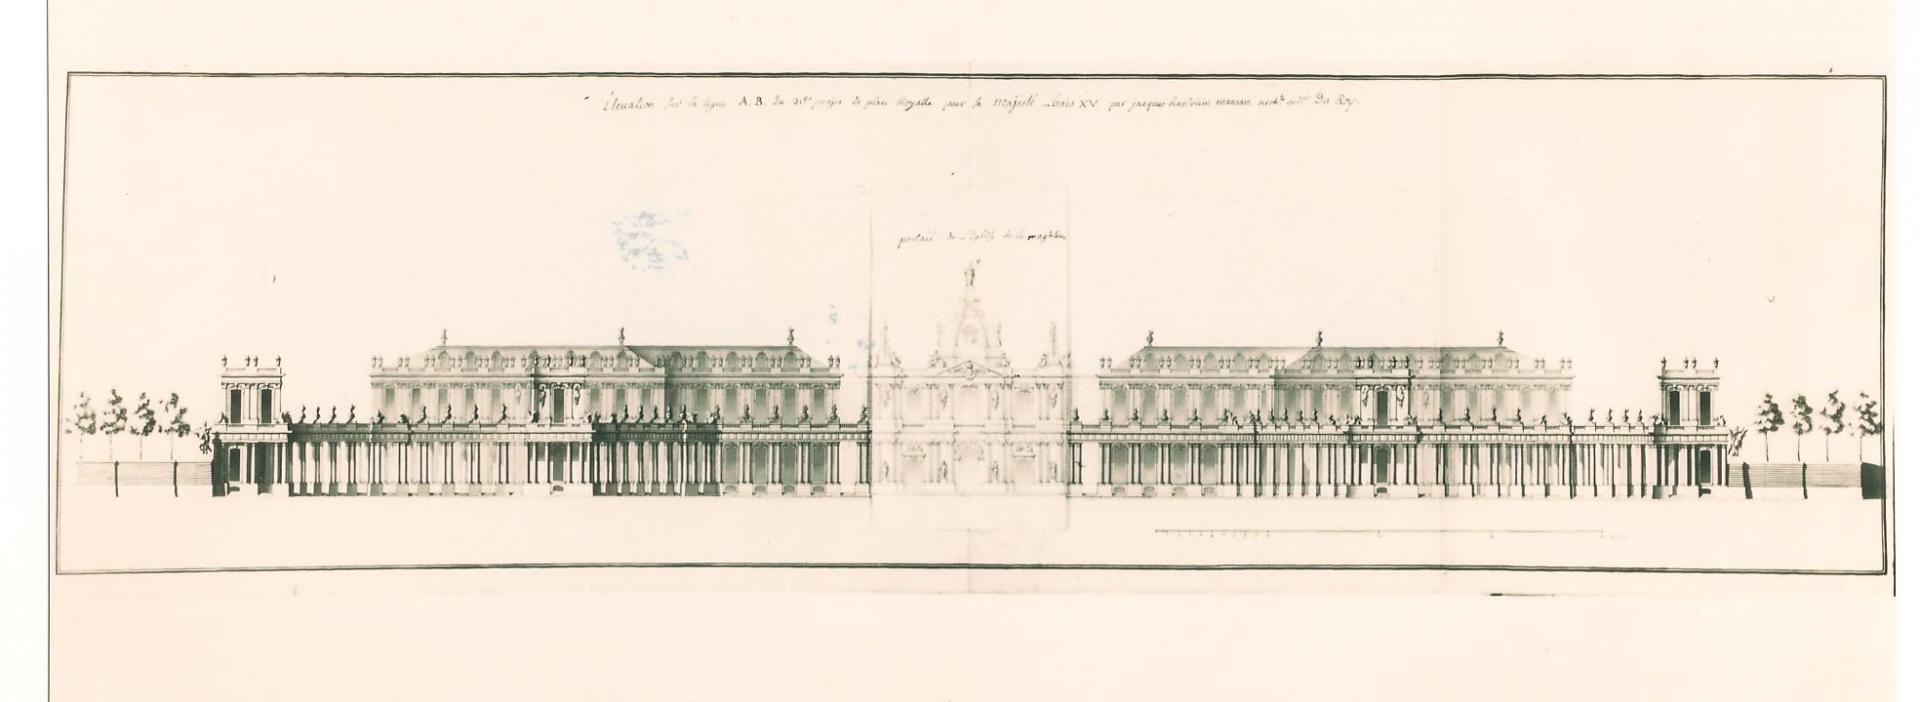 Mansart de Sagonne, projet pour la place Louis XV de Paris, 1752